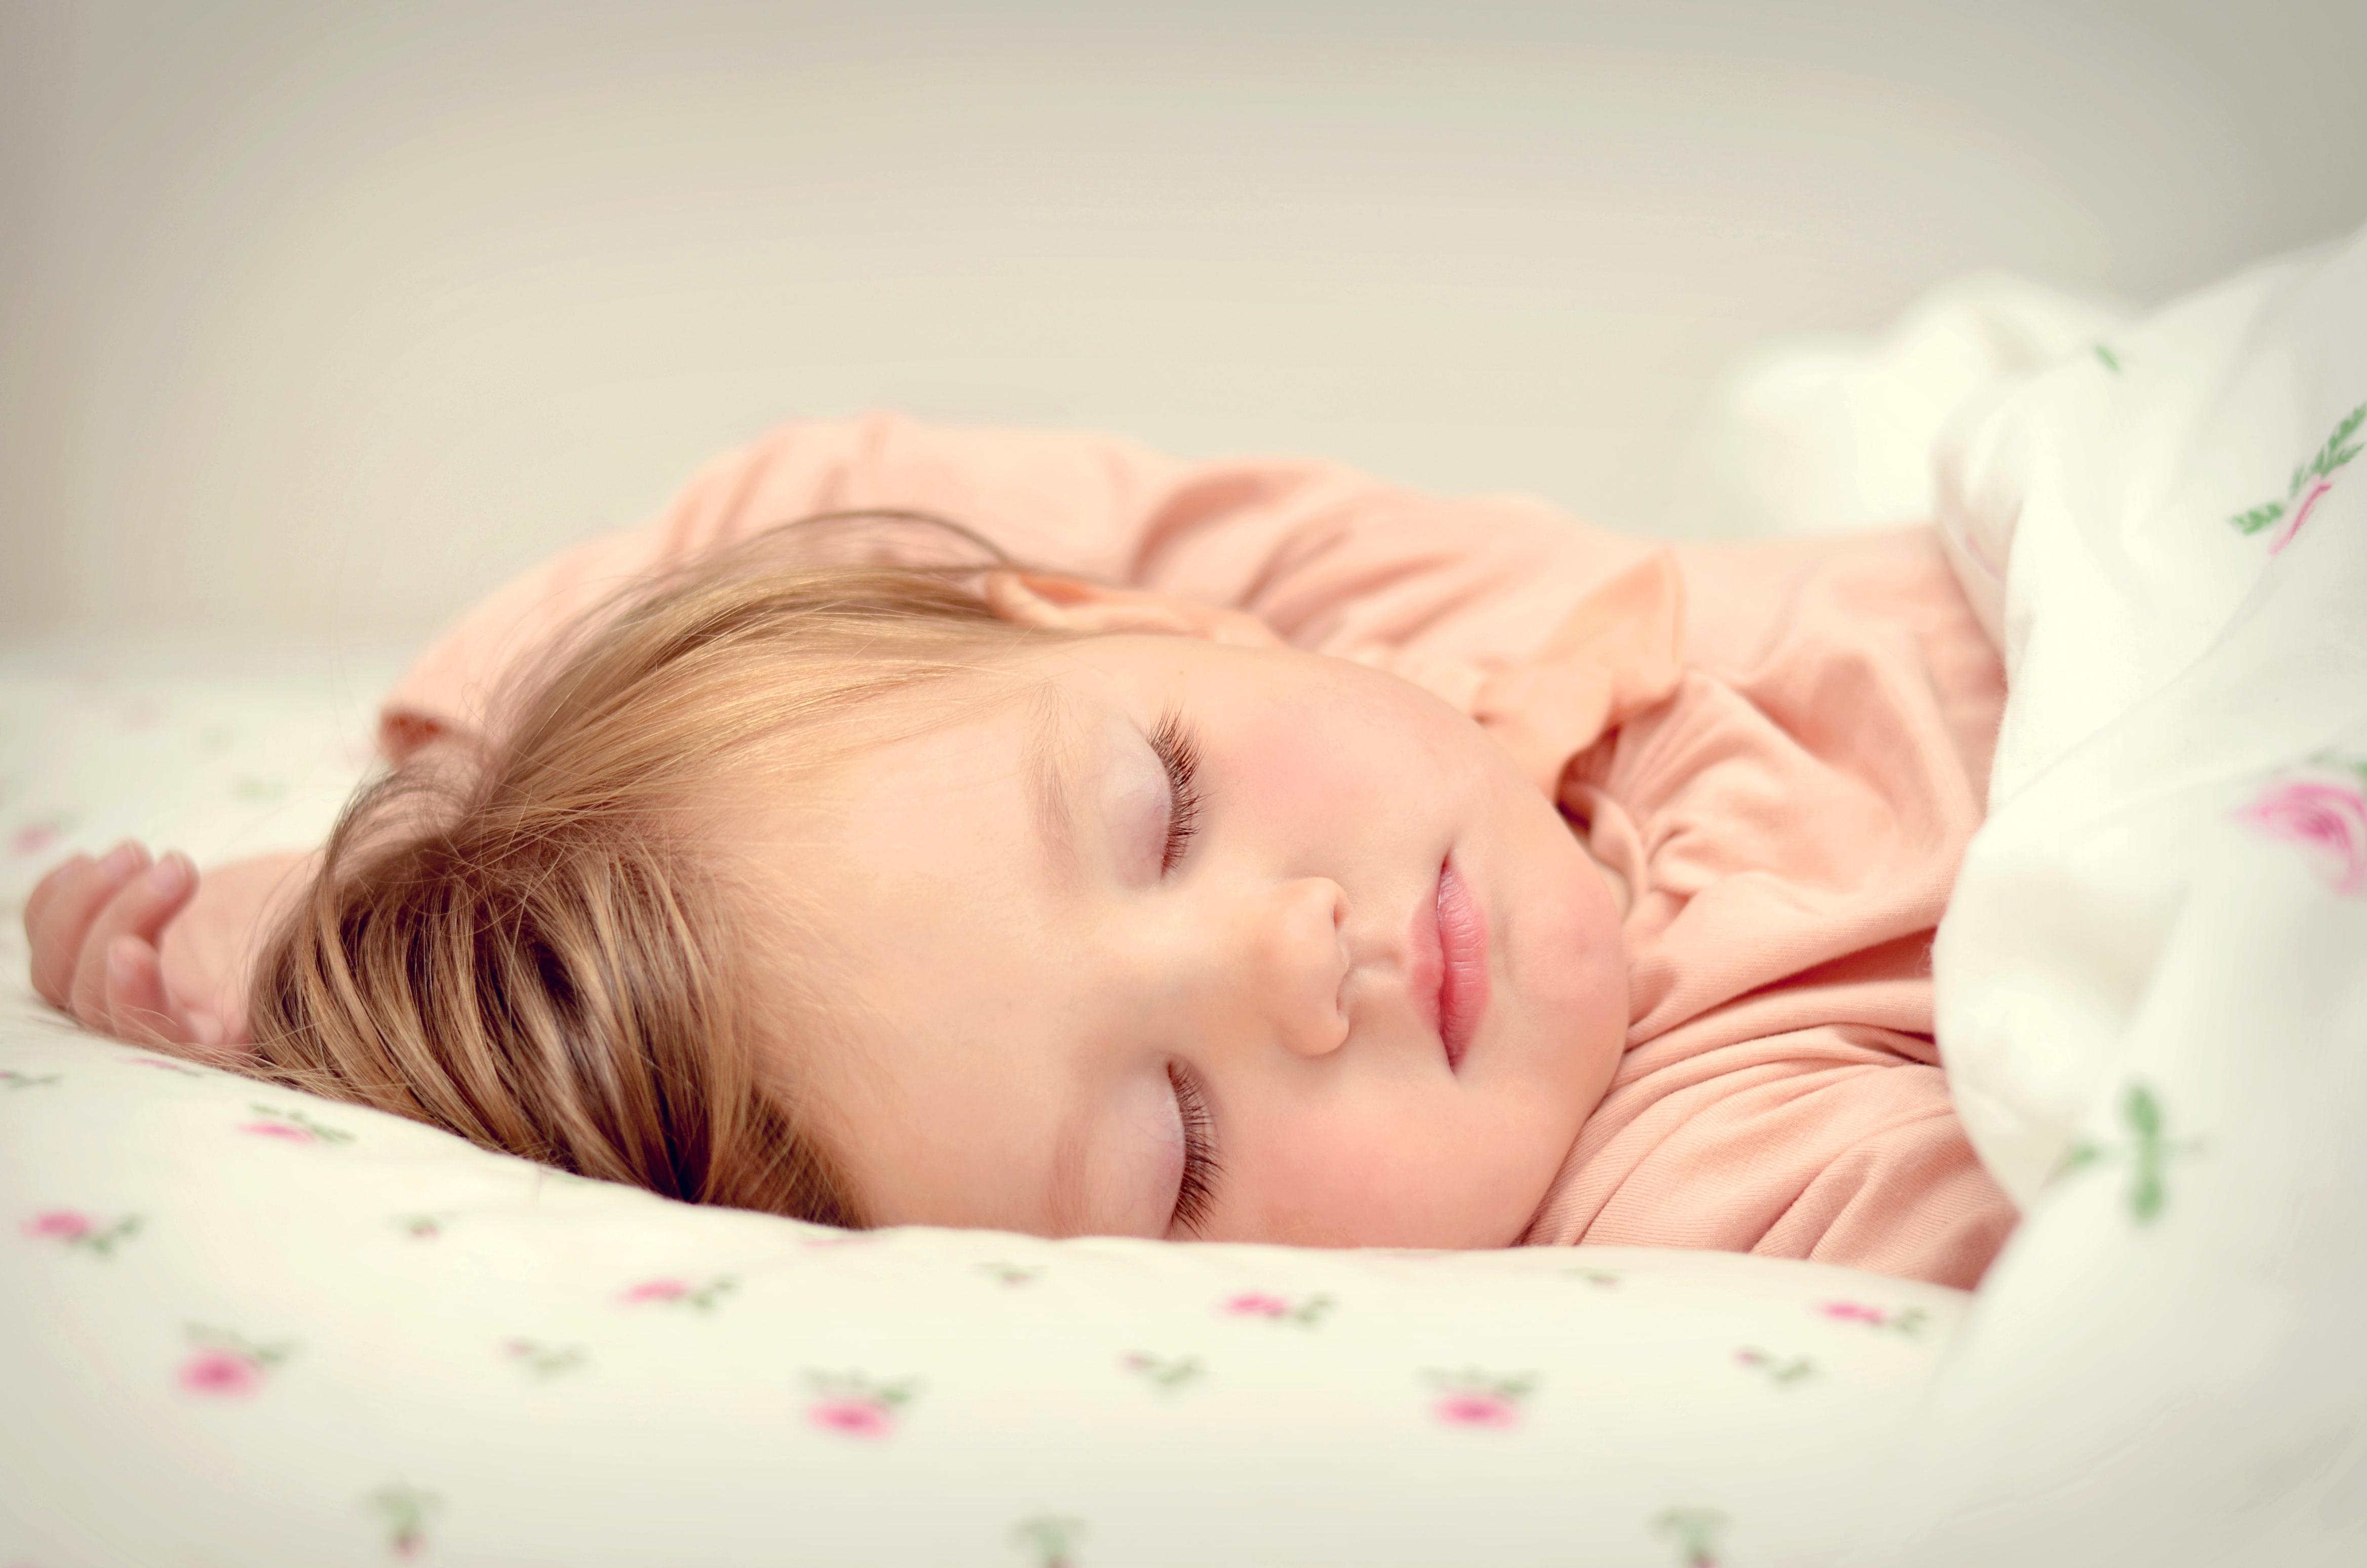 Дочка спит картинка